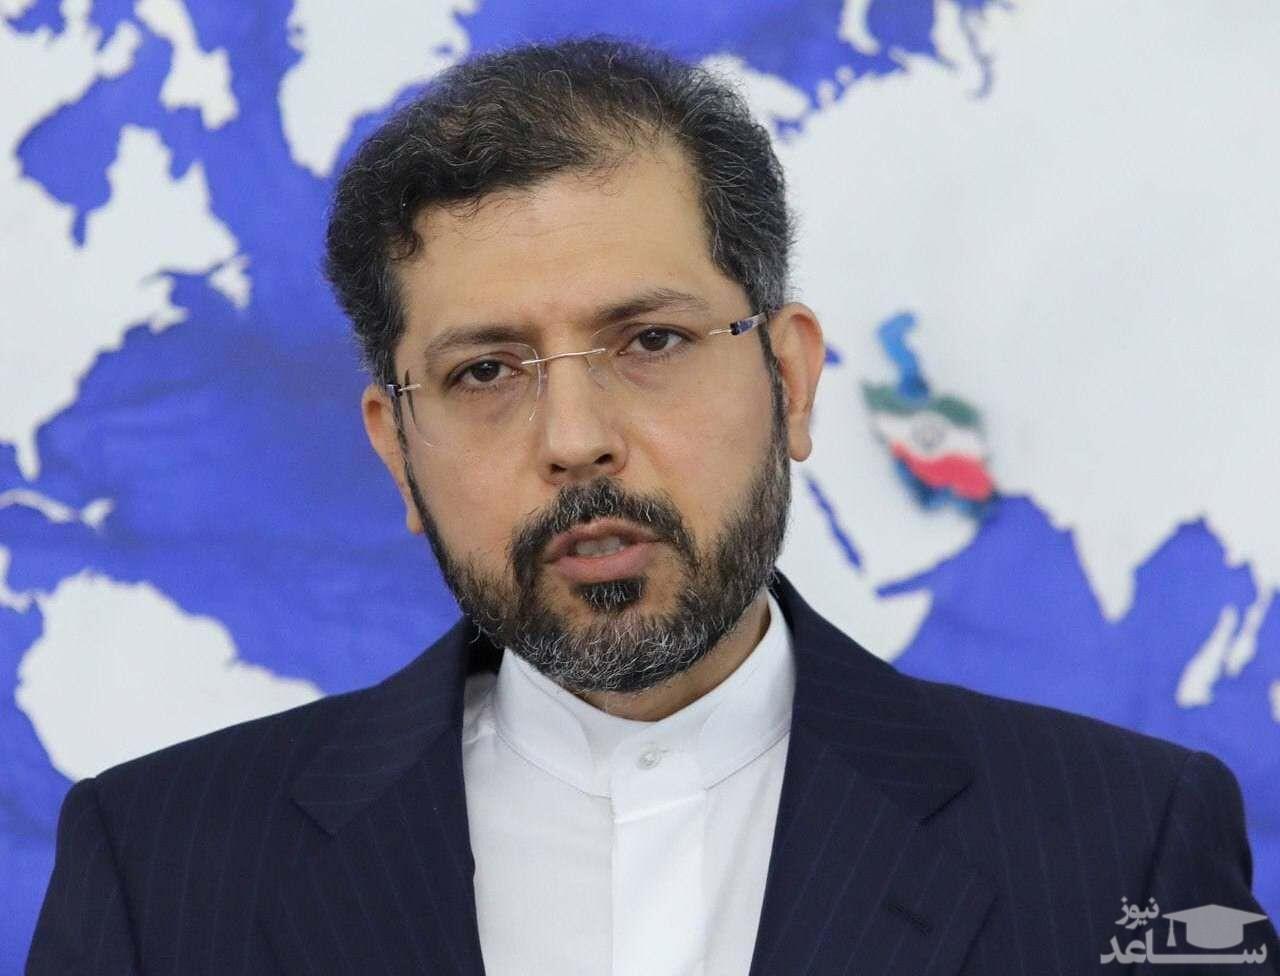 سخنگوی وزارت امورخارجه کشورمان عملیات تروریستی در بغداد را محکوم کرد